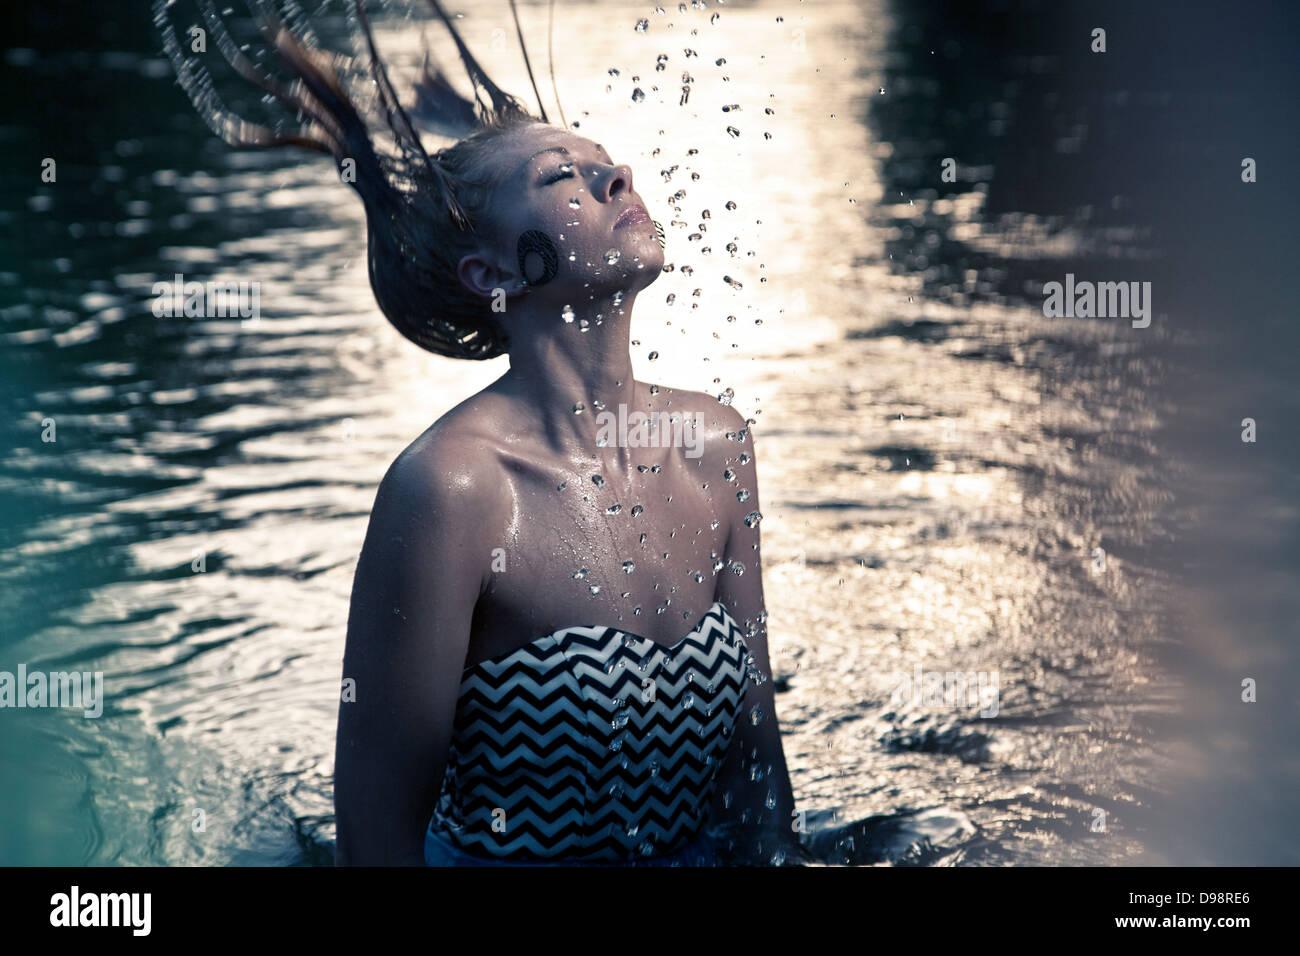 Frau, die Haare wieder in Gewässer zu werfen Stockbild